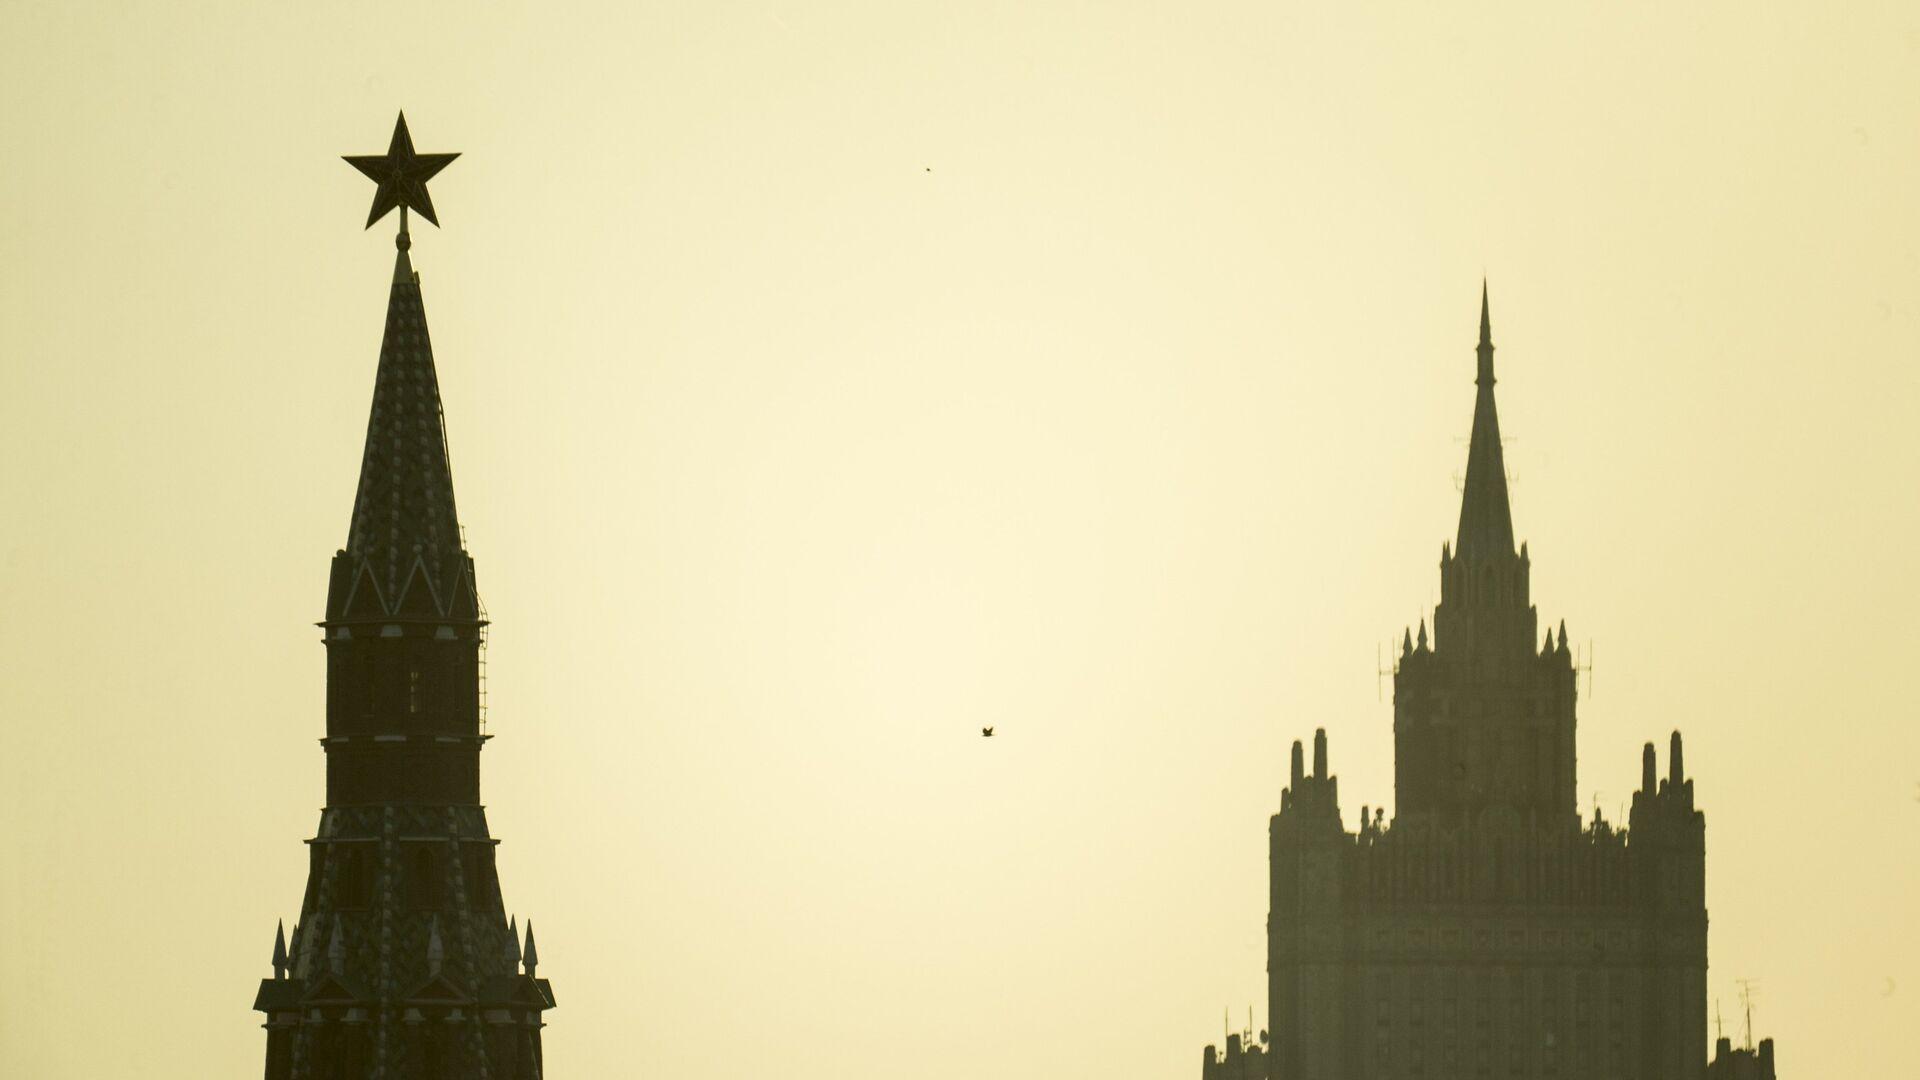 El Kremlin de Moscú y el Ministerio de Asuntos Exteriores  - Sputnik Mundo, 1920, 10.02.2021